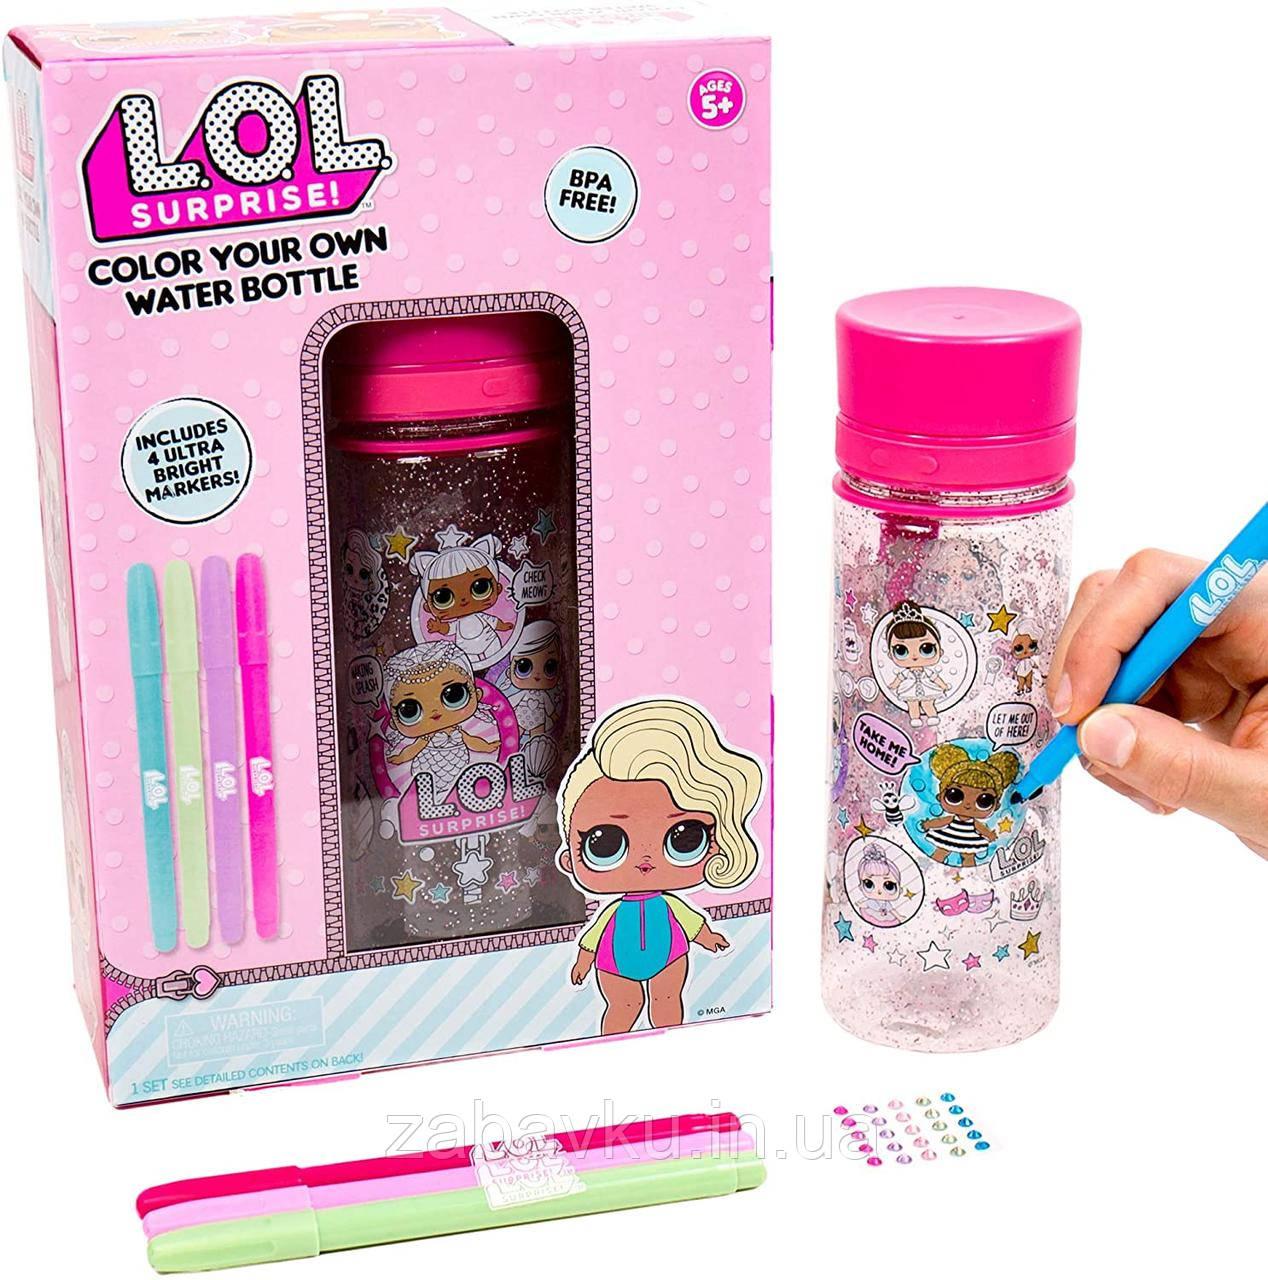 Детская бутылка расраска для воды ЛОЛ  LOL Surprise Color Your Own Water Bottle